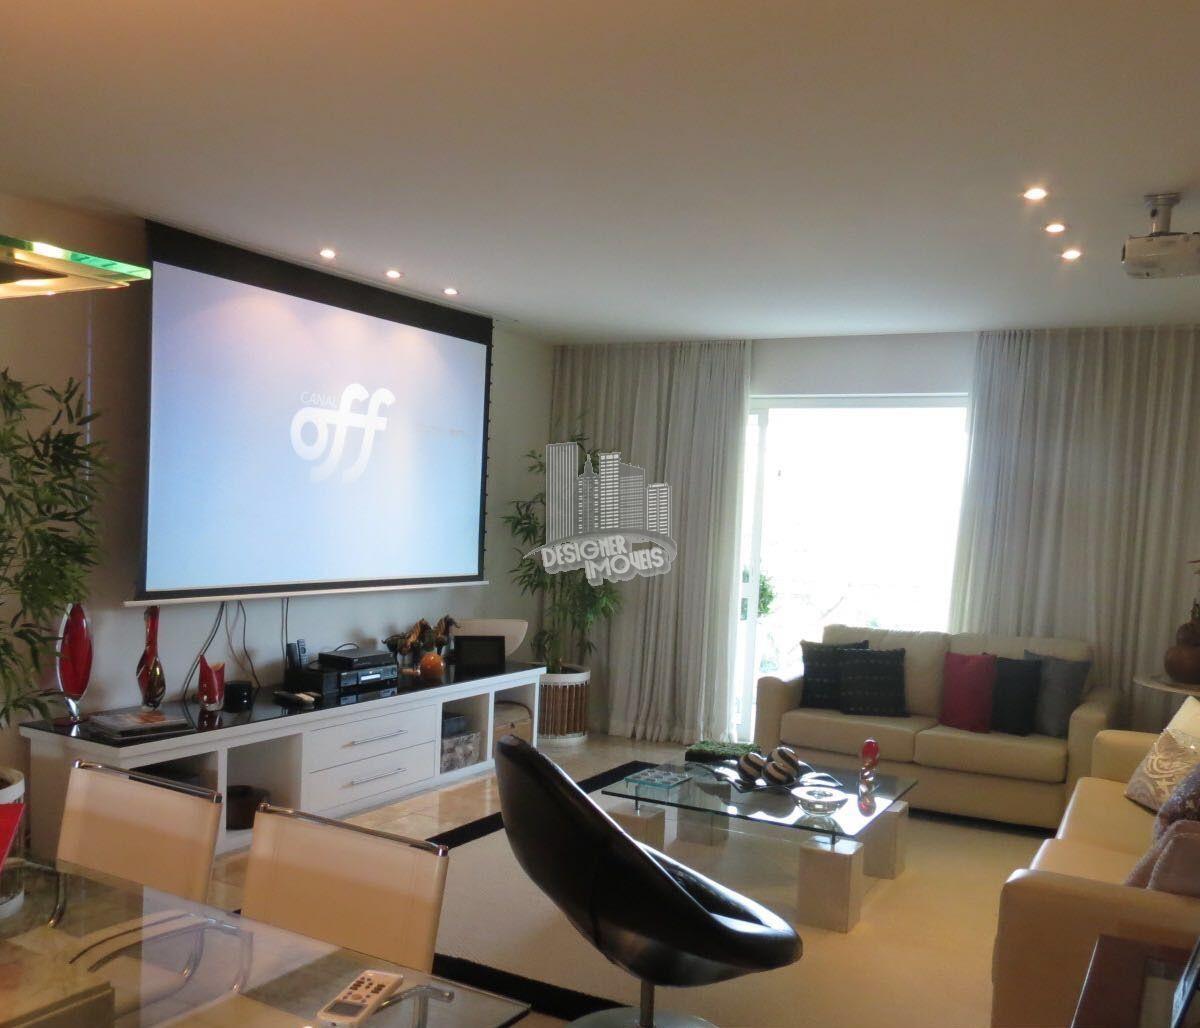 Apartamento Para Venda ou Aluguel no Condomínio Pedra de Itaúna - Rio de Janeiro - RJ - Barra da Tijuca - LRA4007 - 3